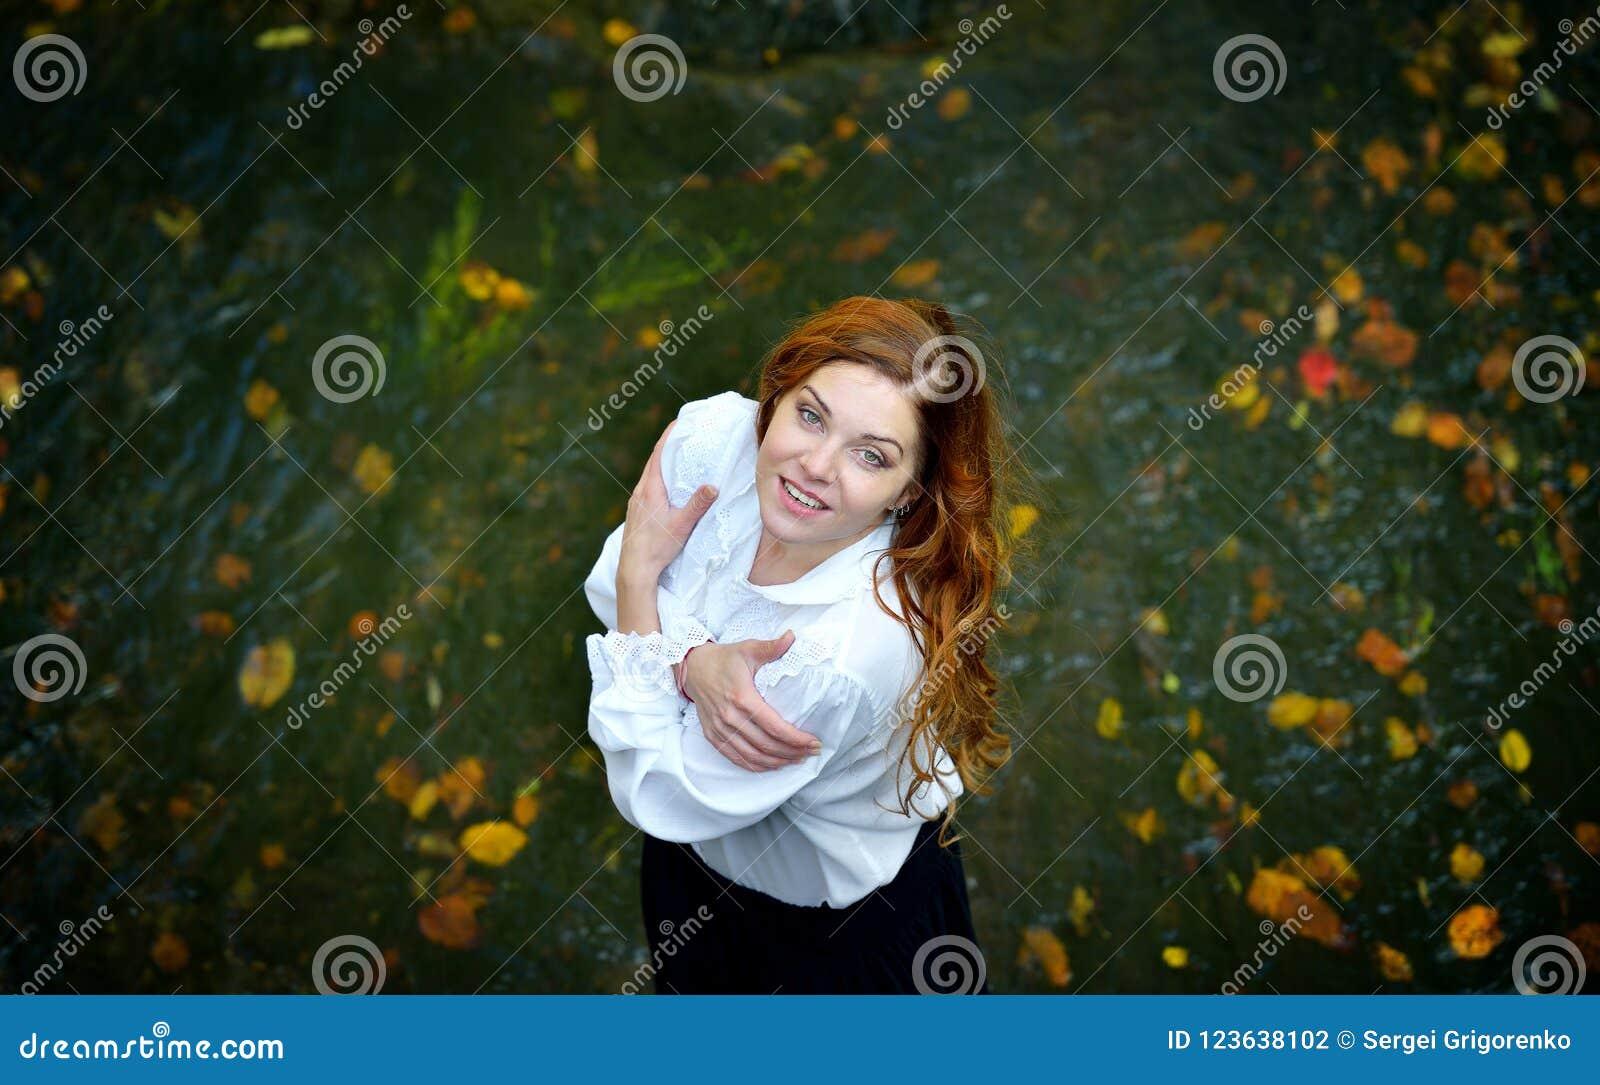 Härlig flicka med långt hår i den vita skjortan och svart kjolanseende i floden med sidor och att se för höst upp